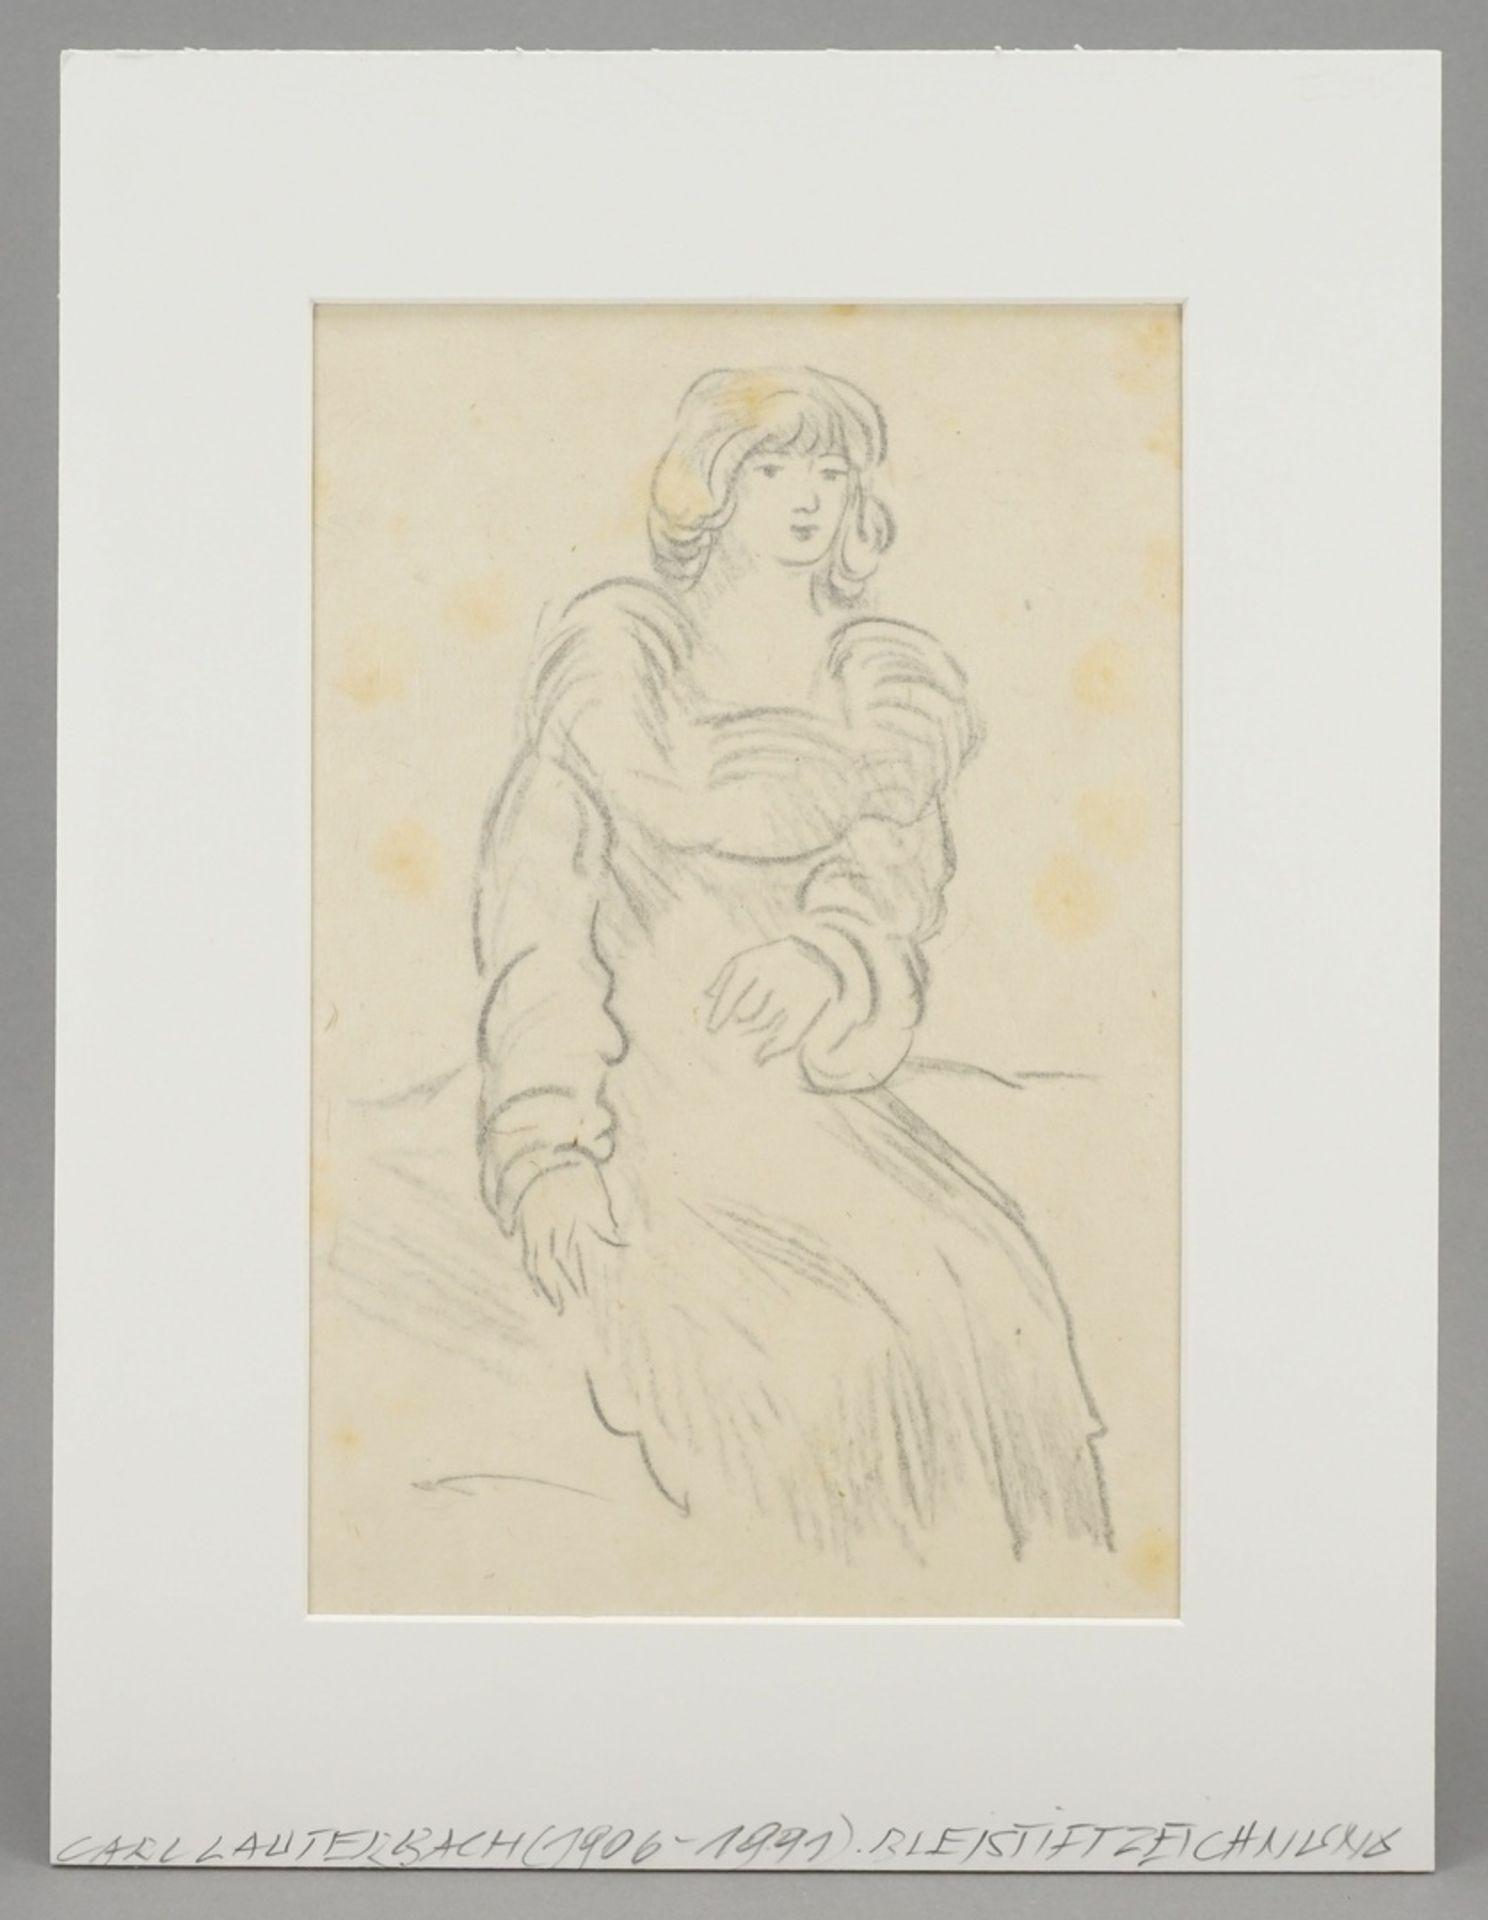 Carl Lauterbach, Junge Dame mit großem Kragen - Bild 2 aus 4